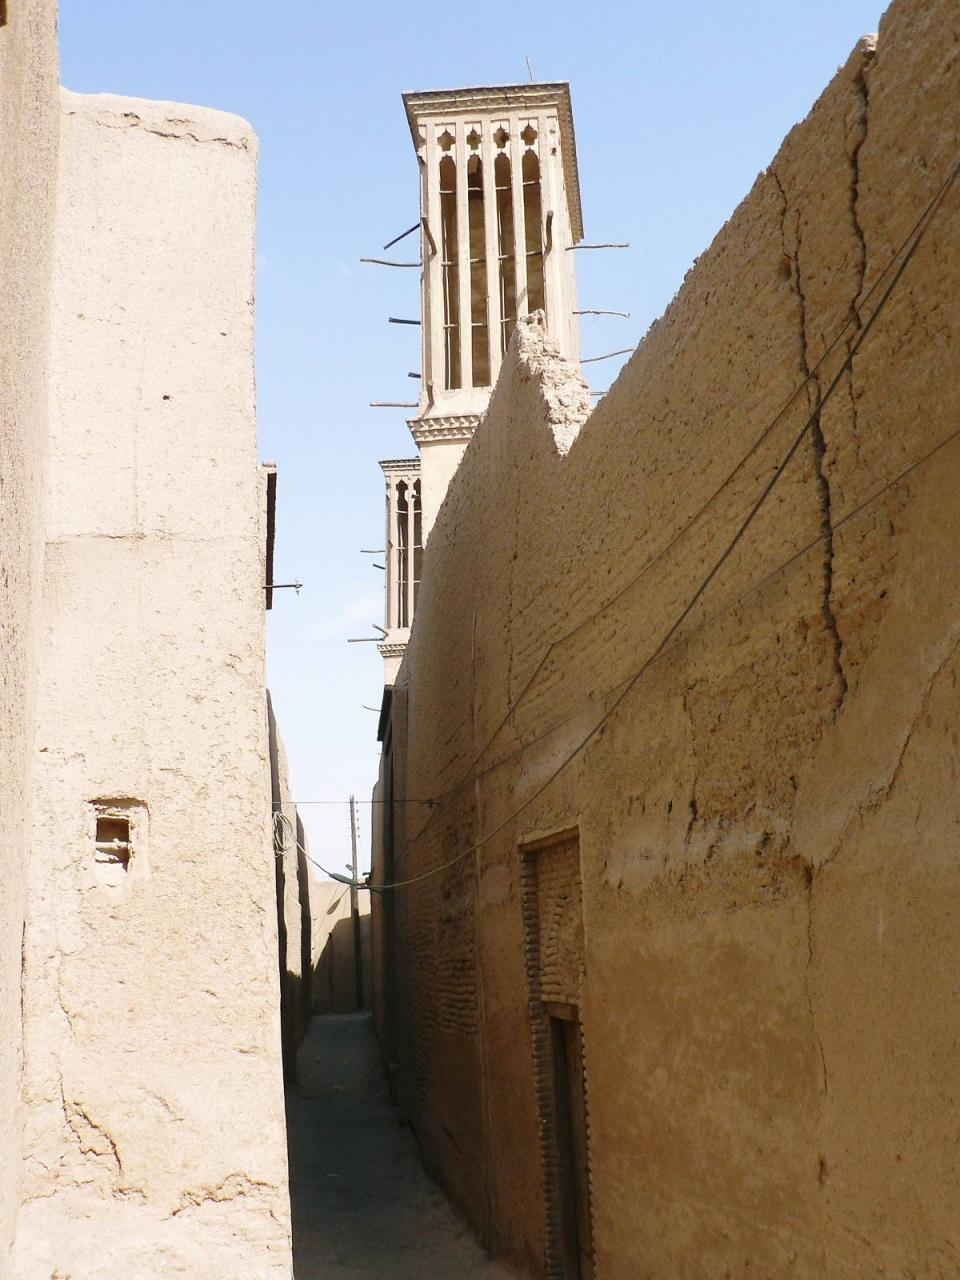 イランの旅【2】 ゾロアスター教が生きる砂漠の街 ヤズド